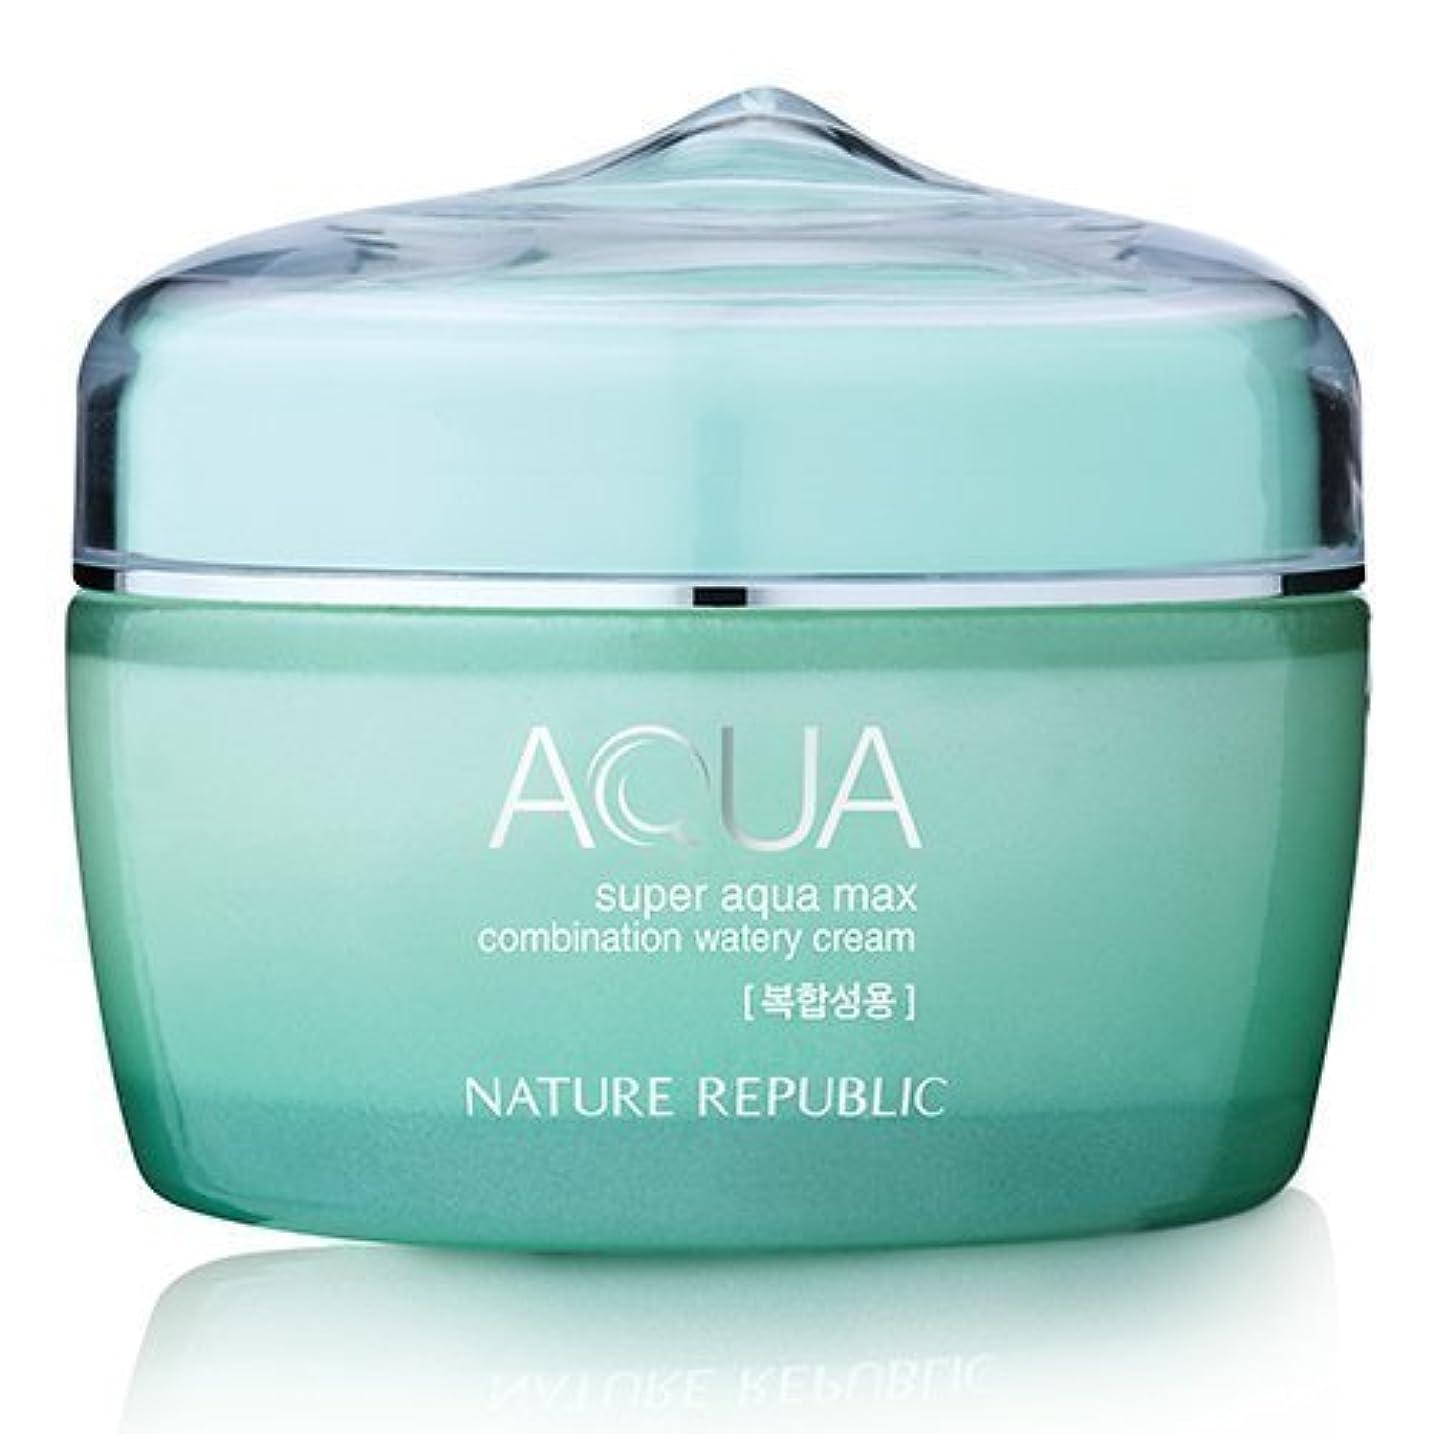 チャーターピクニックをする効能Nature Republic Super Aqua Max Combination Watery Cream 80ml